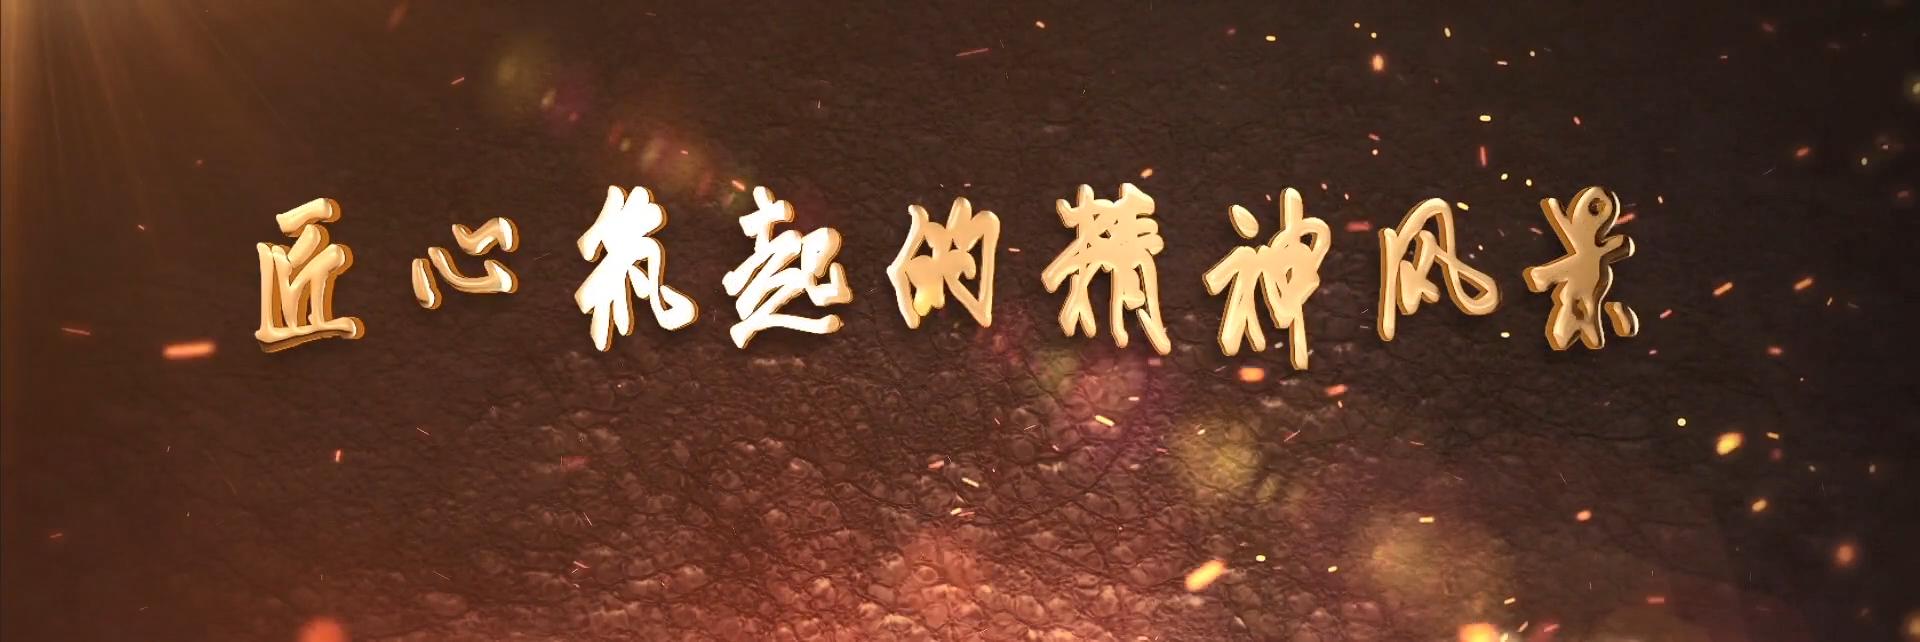 重庆杨云-有字幕-OK[00_00_03][20190910-144129].png